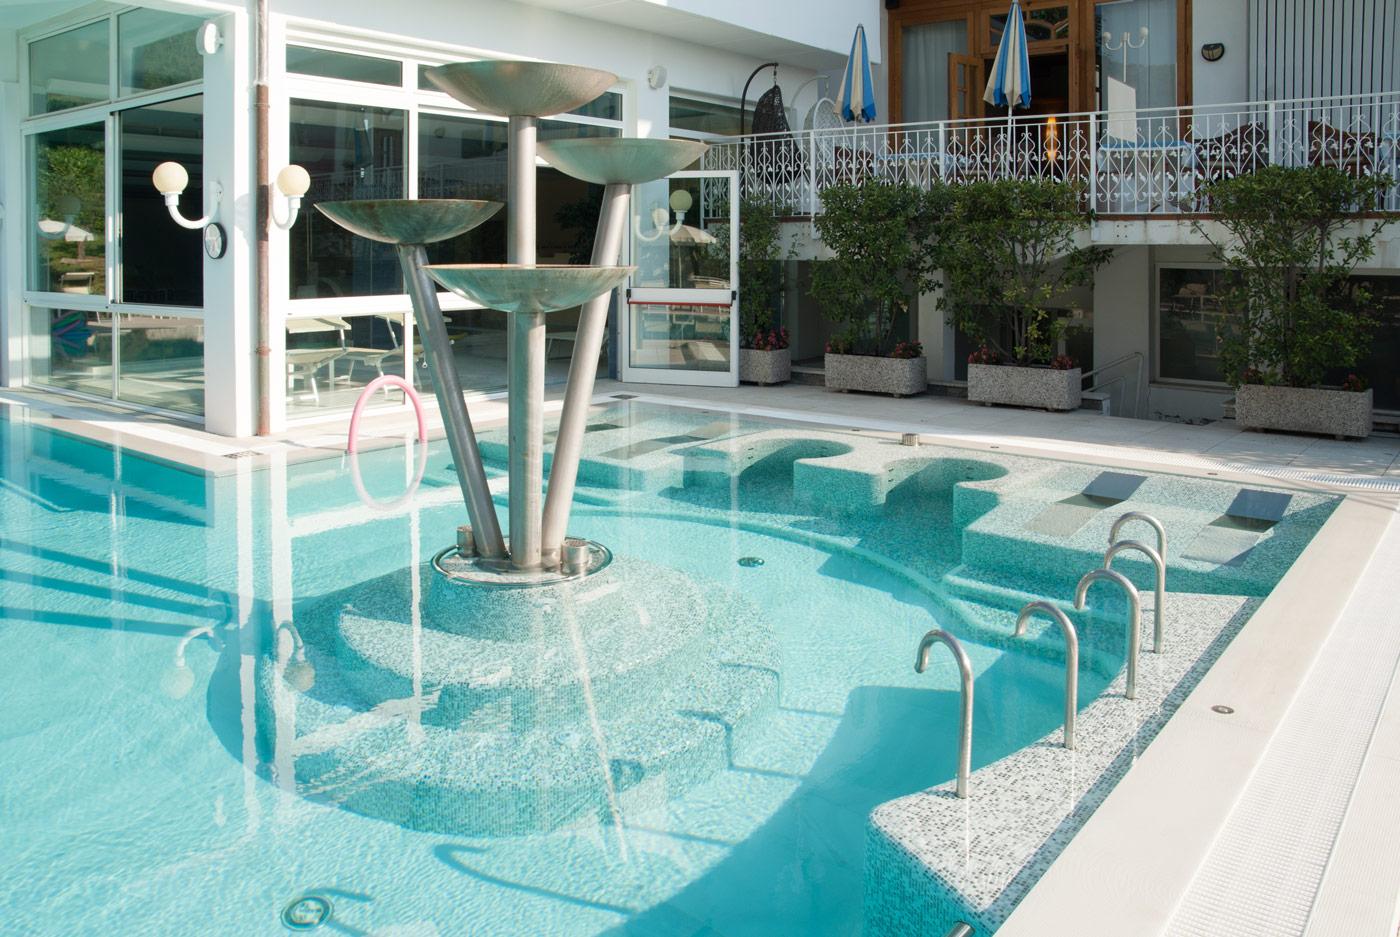 Produzione interni piscina scale panche per piscina for Arredo piscina